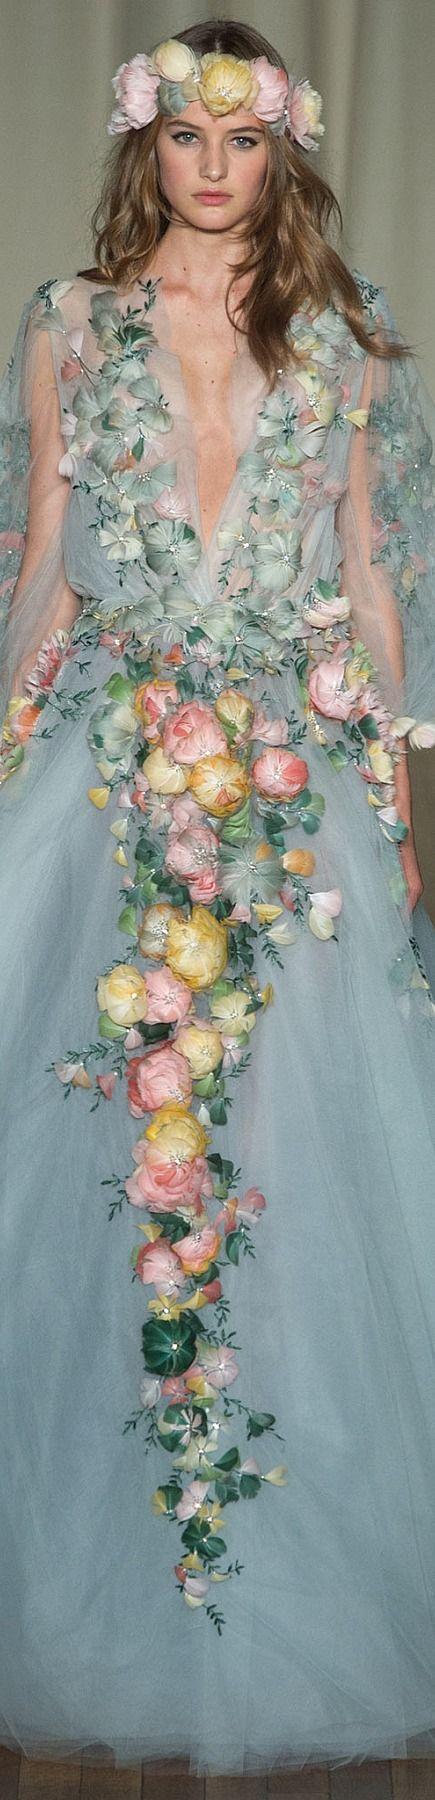 Corona de flores | Flores por todas partes| Se nota ¡Llegó la primavera! | Diseñador: Marchesa | Primavera 2015